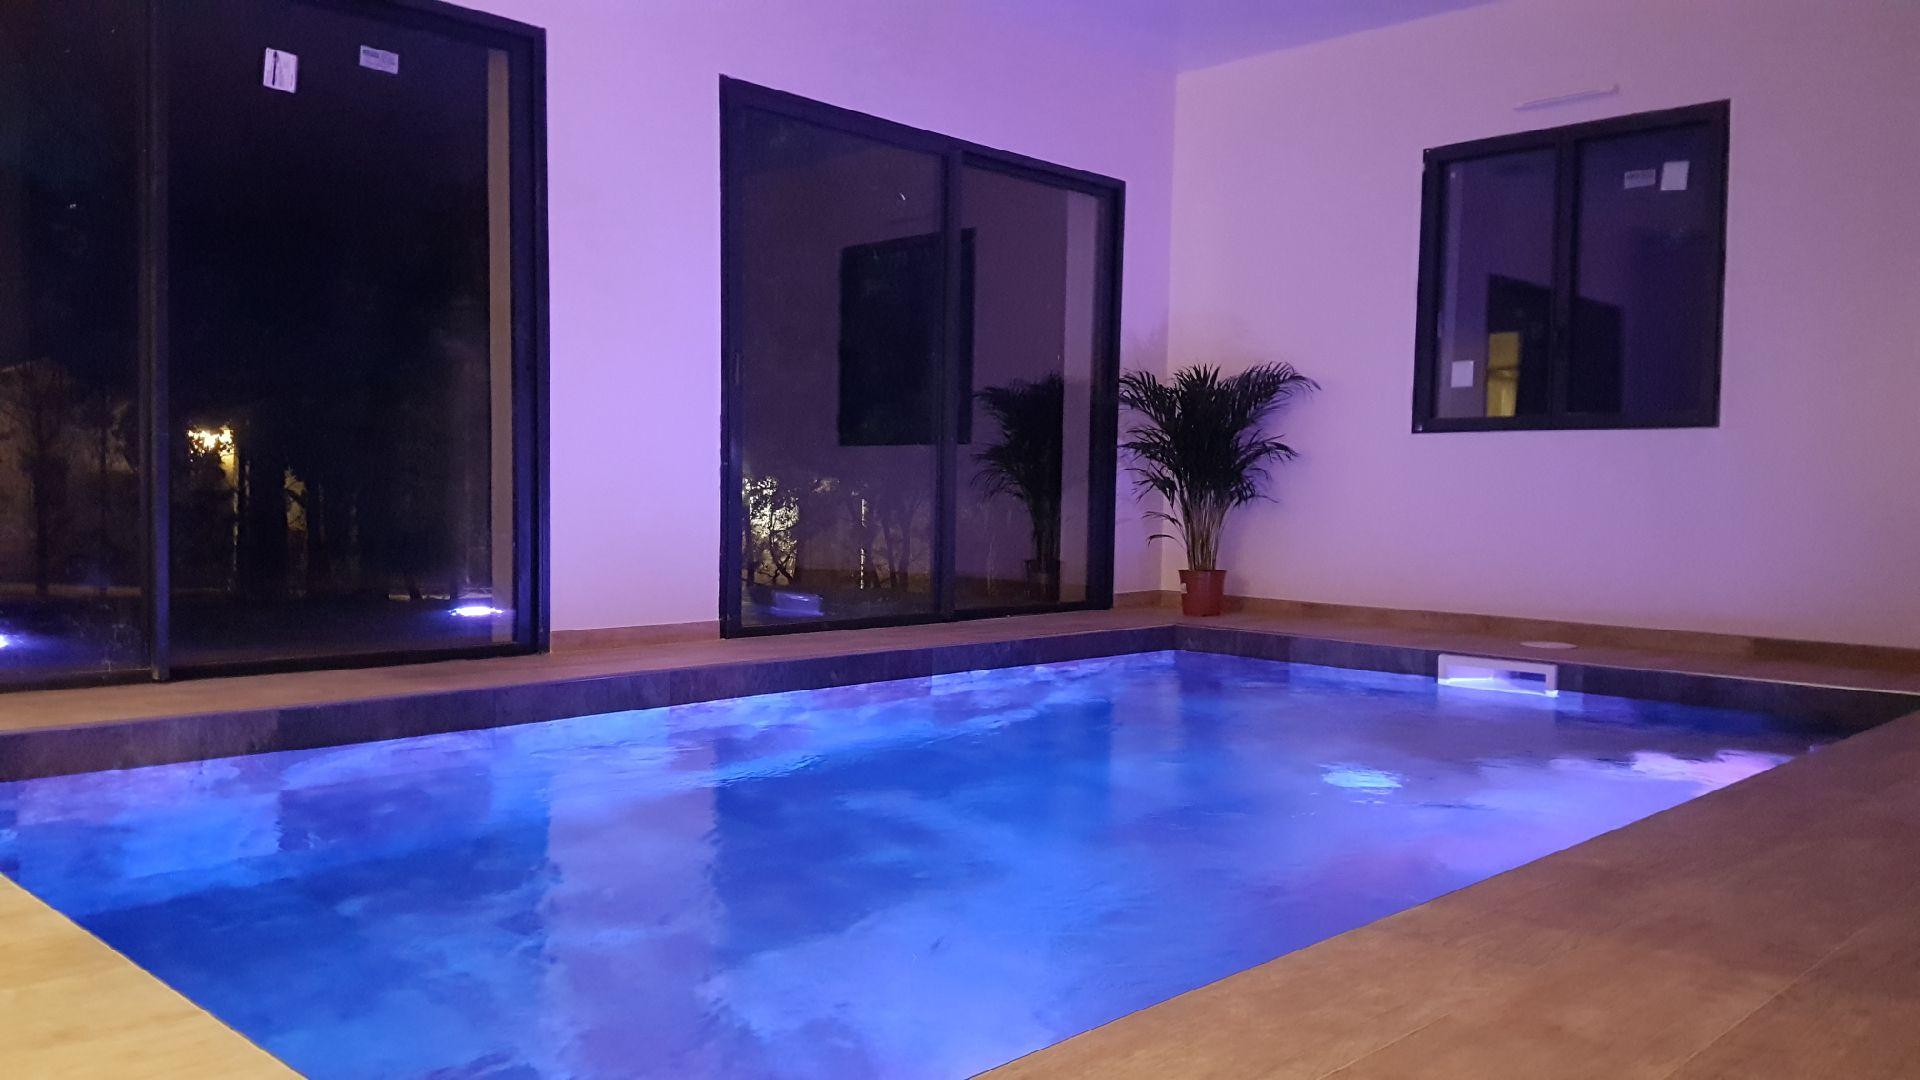 Villa Attrapes Rves avec jacuzzi et piscine privatifs  Nuit damour